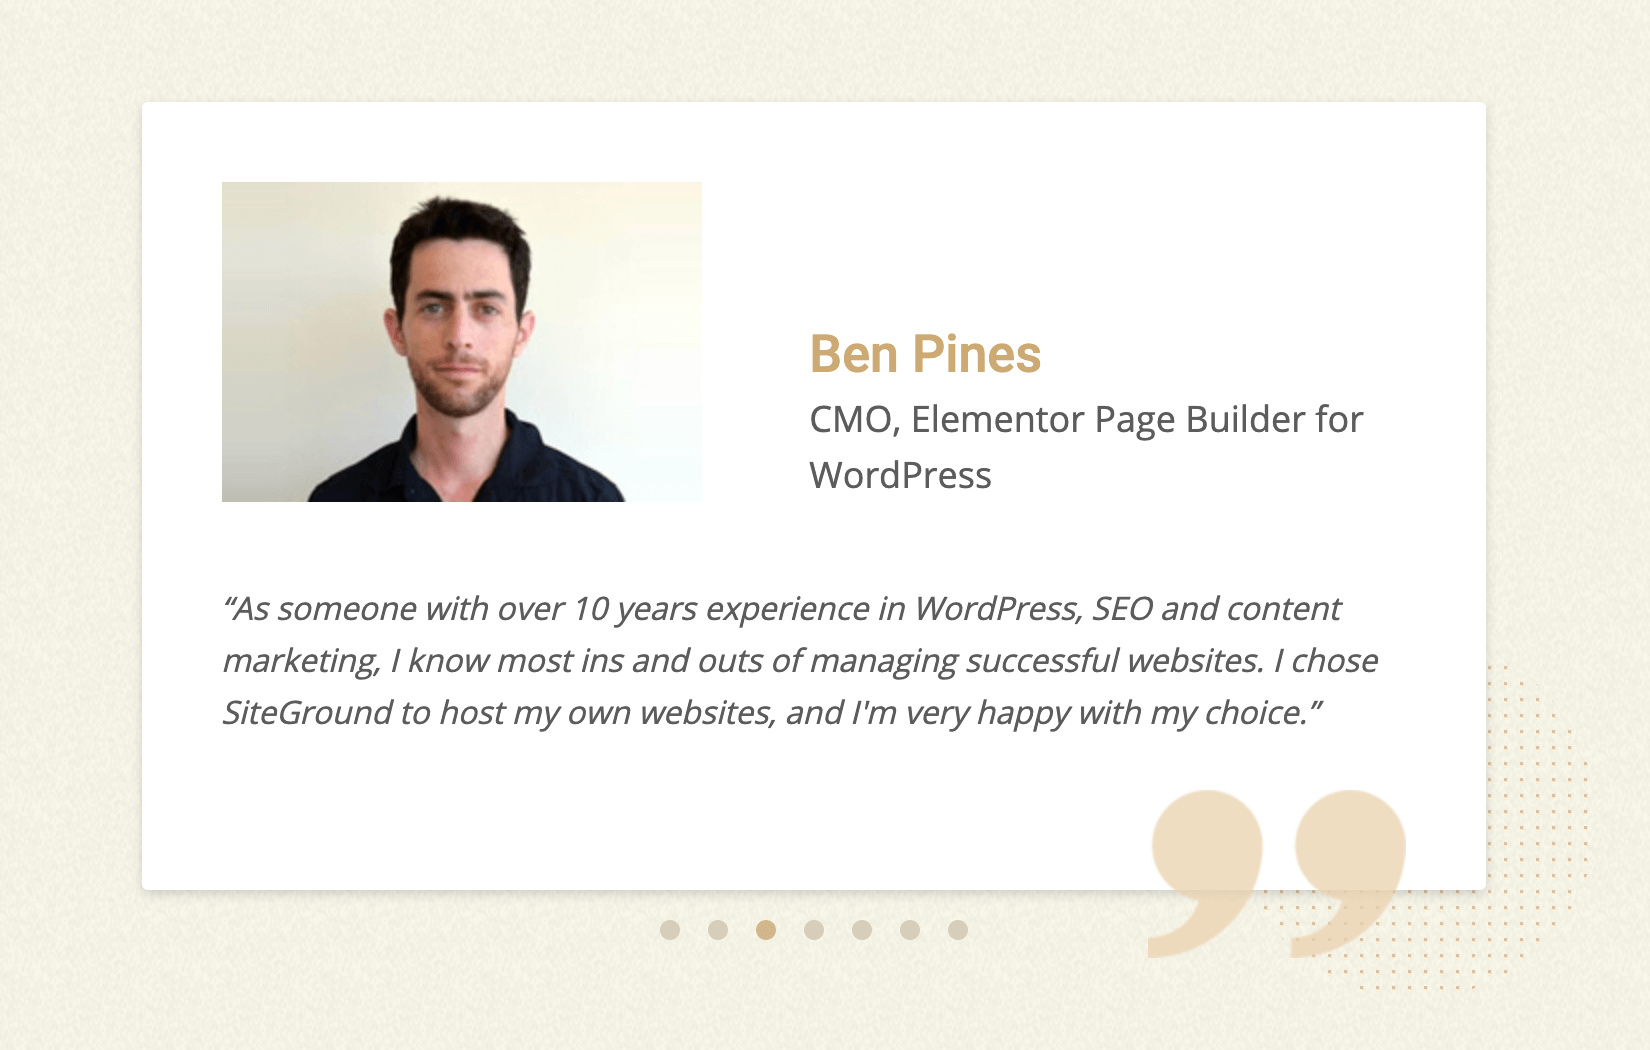 Ben Pines – CMO of Elementor WordPress Plugin